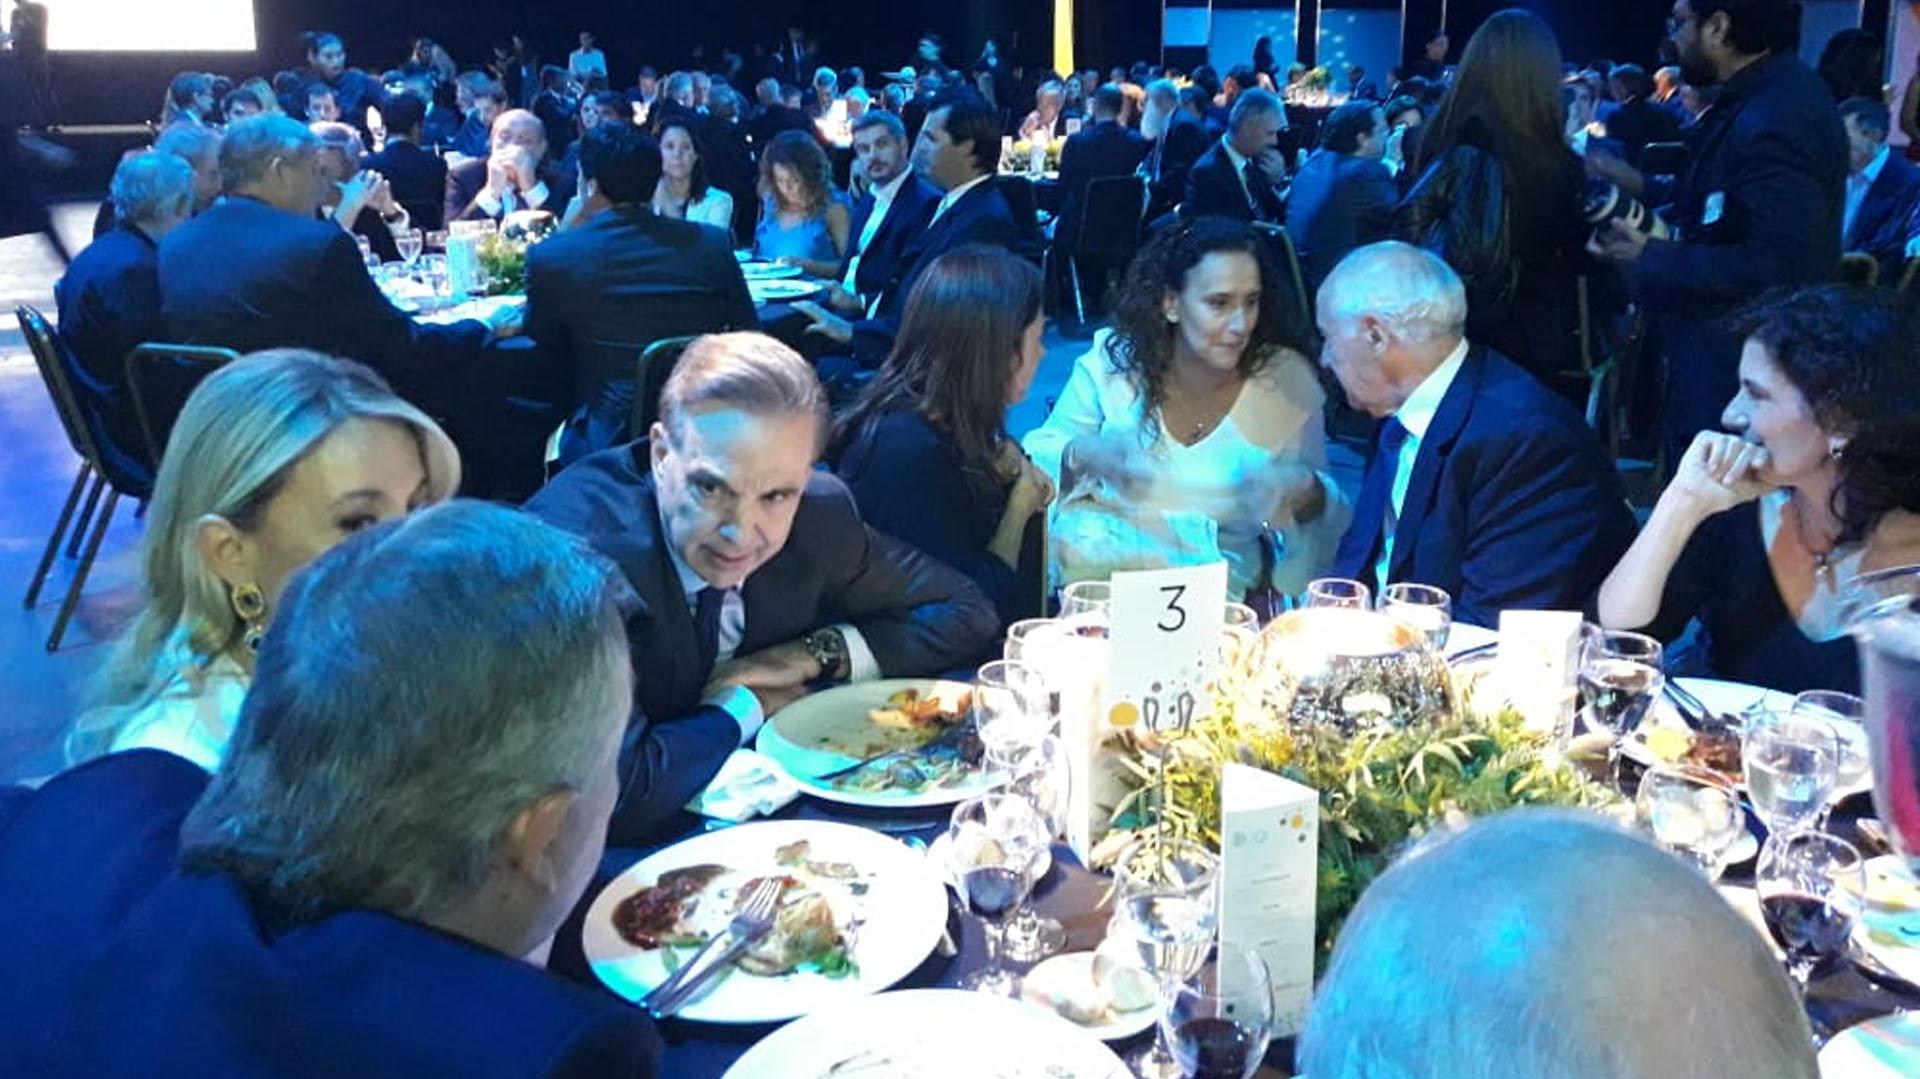 Miguel Angel Pichetto y Roberto Lavagna estuvieron en la misma mesa. La vicepresidenta Gabriela Michetti se acercó a conversar con el ex ministro de Economía